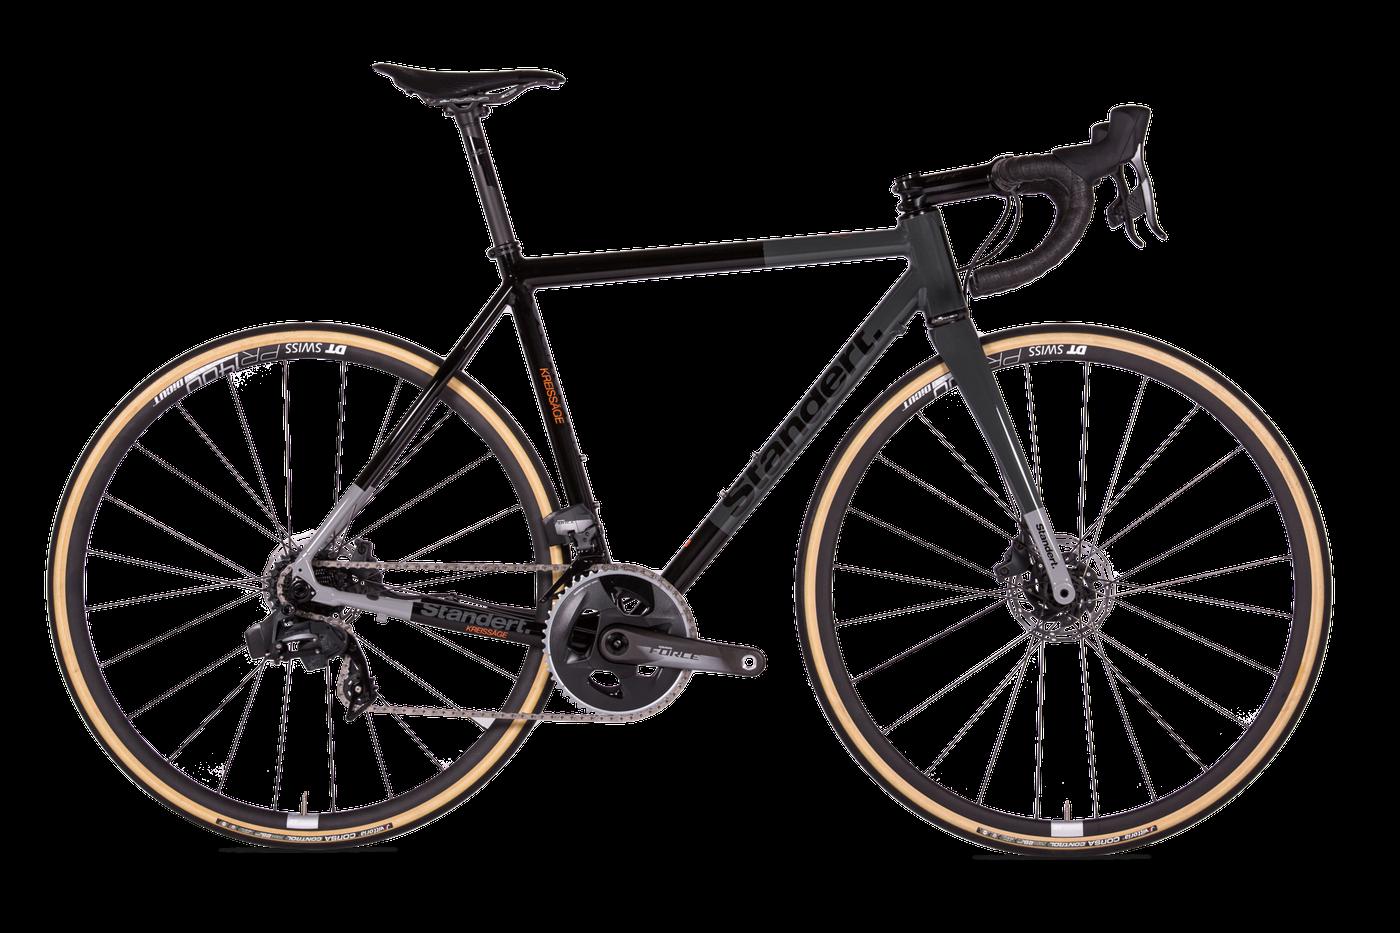 Standert's Kreissäge 2nd Cut DISC Road Bike is Made in Italy